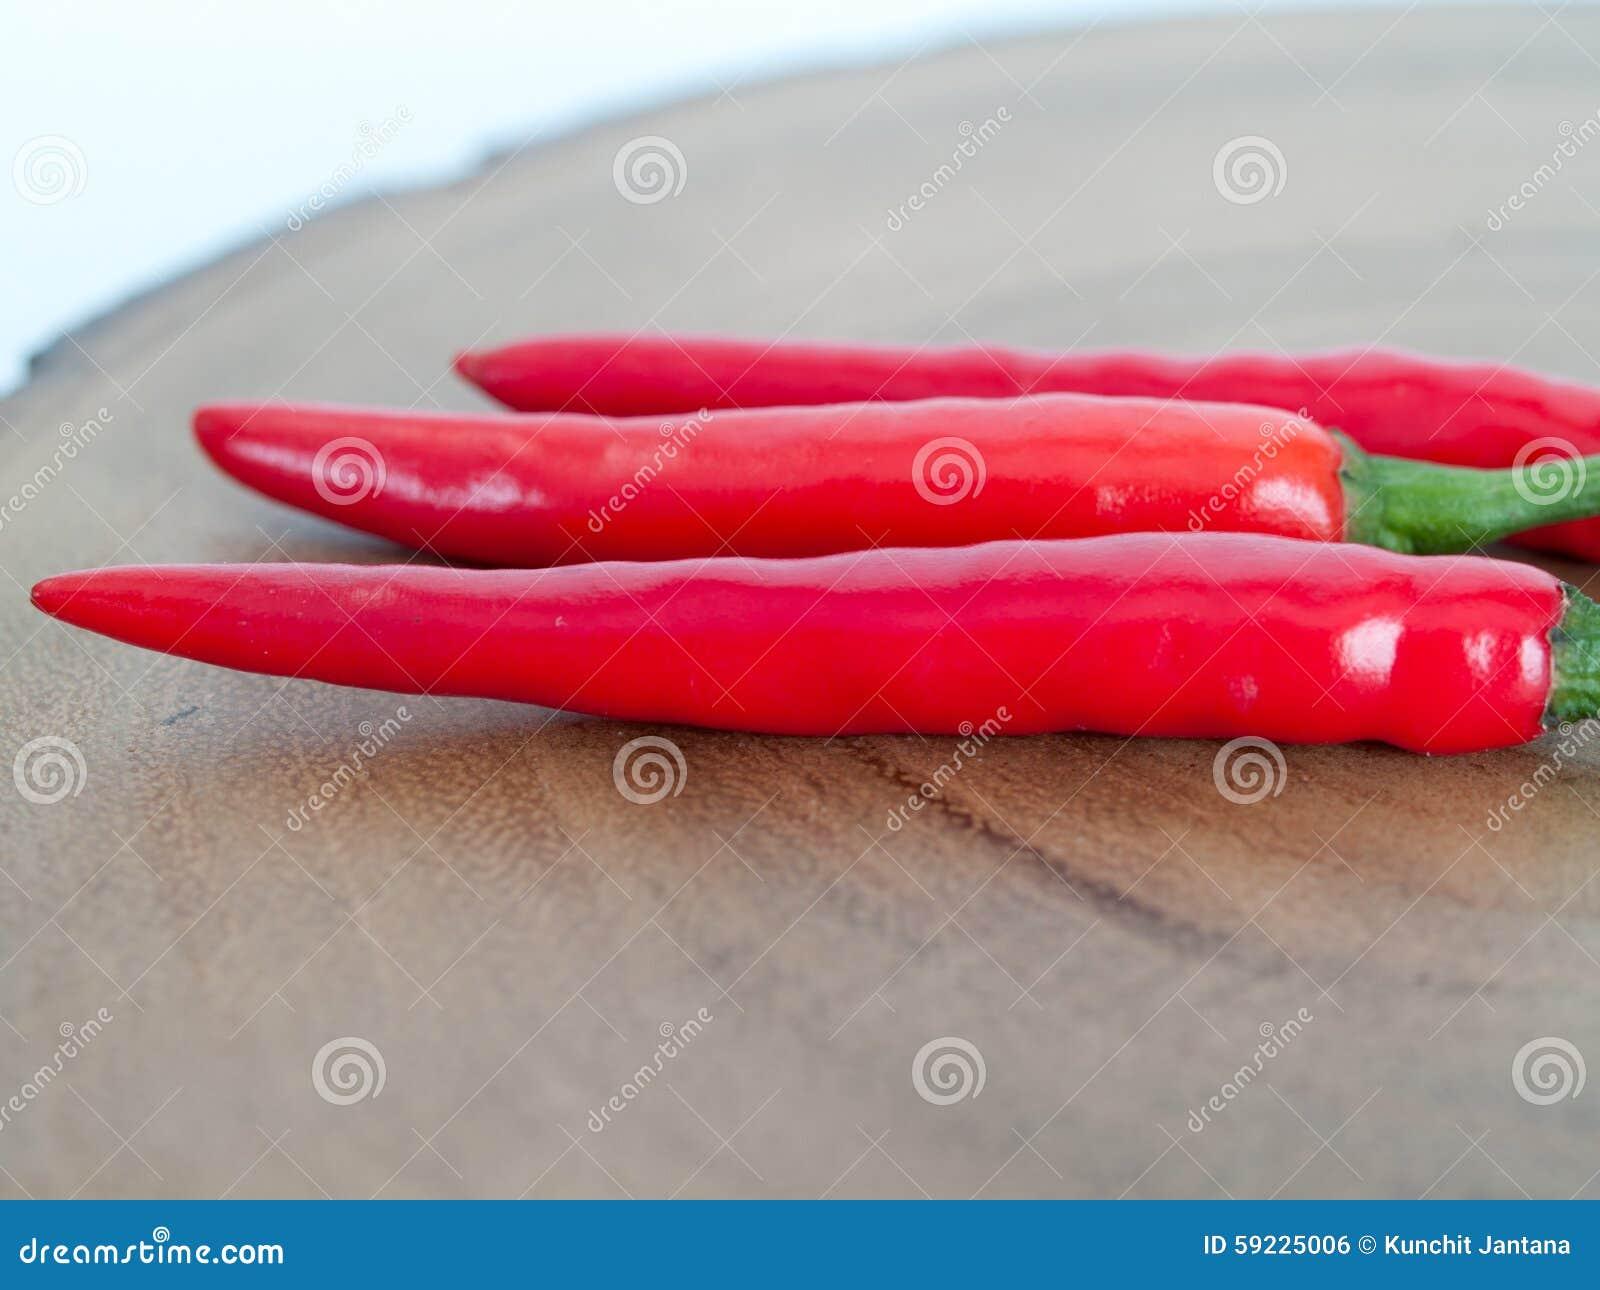 Download Chile rojo foto de archivo. Imagen de primer, ingrediente - 59225006